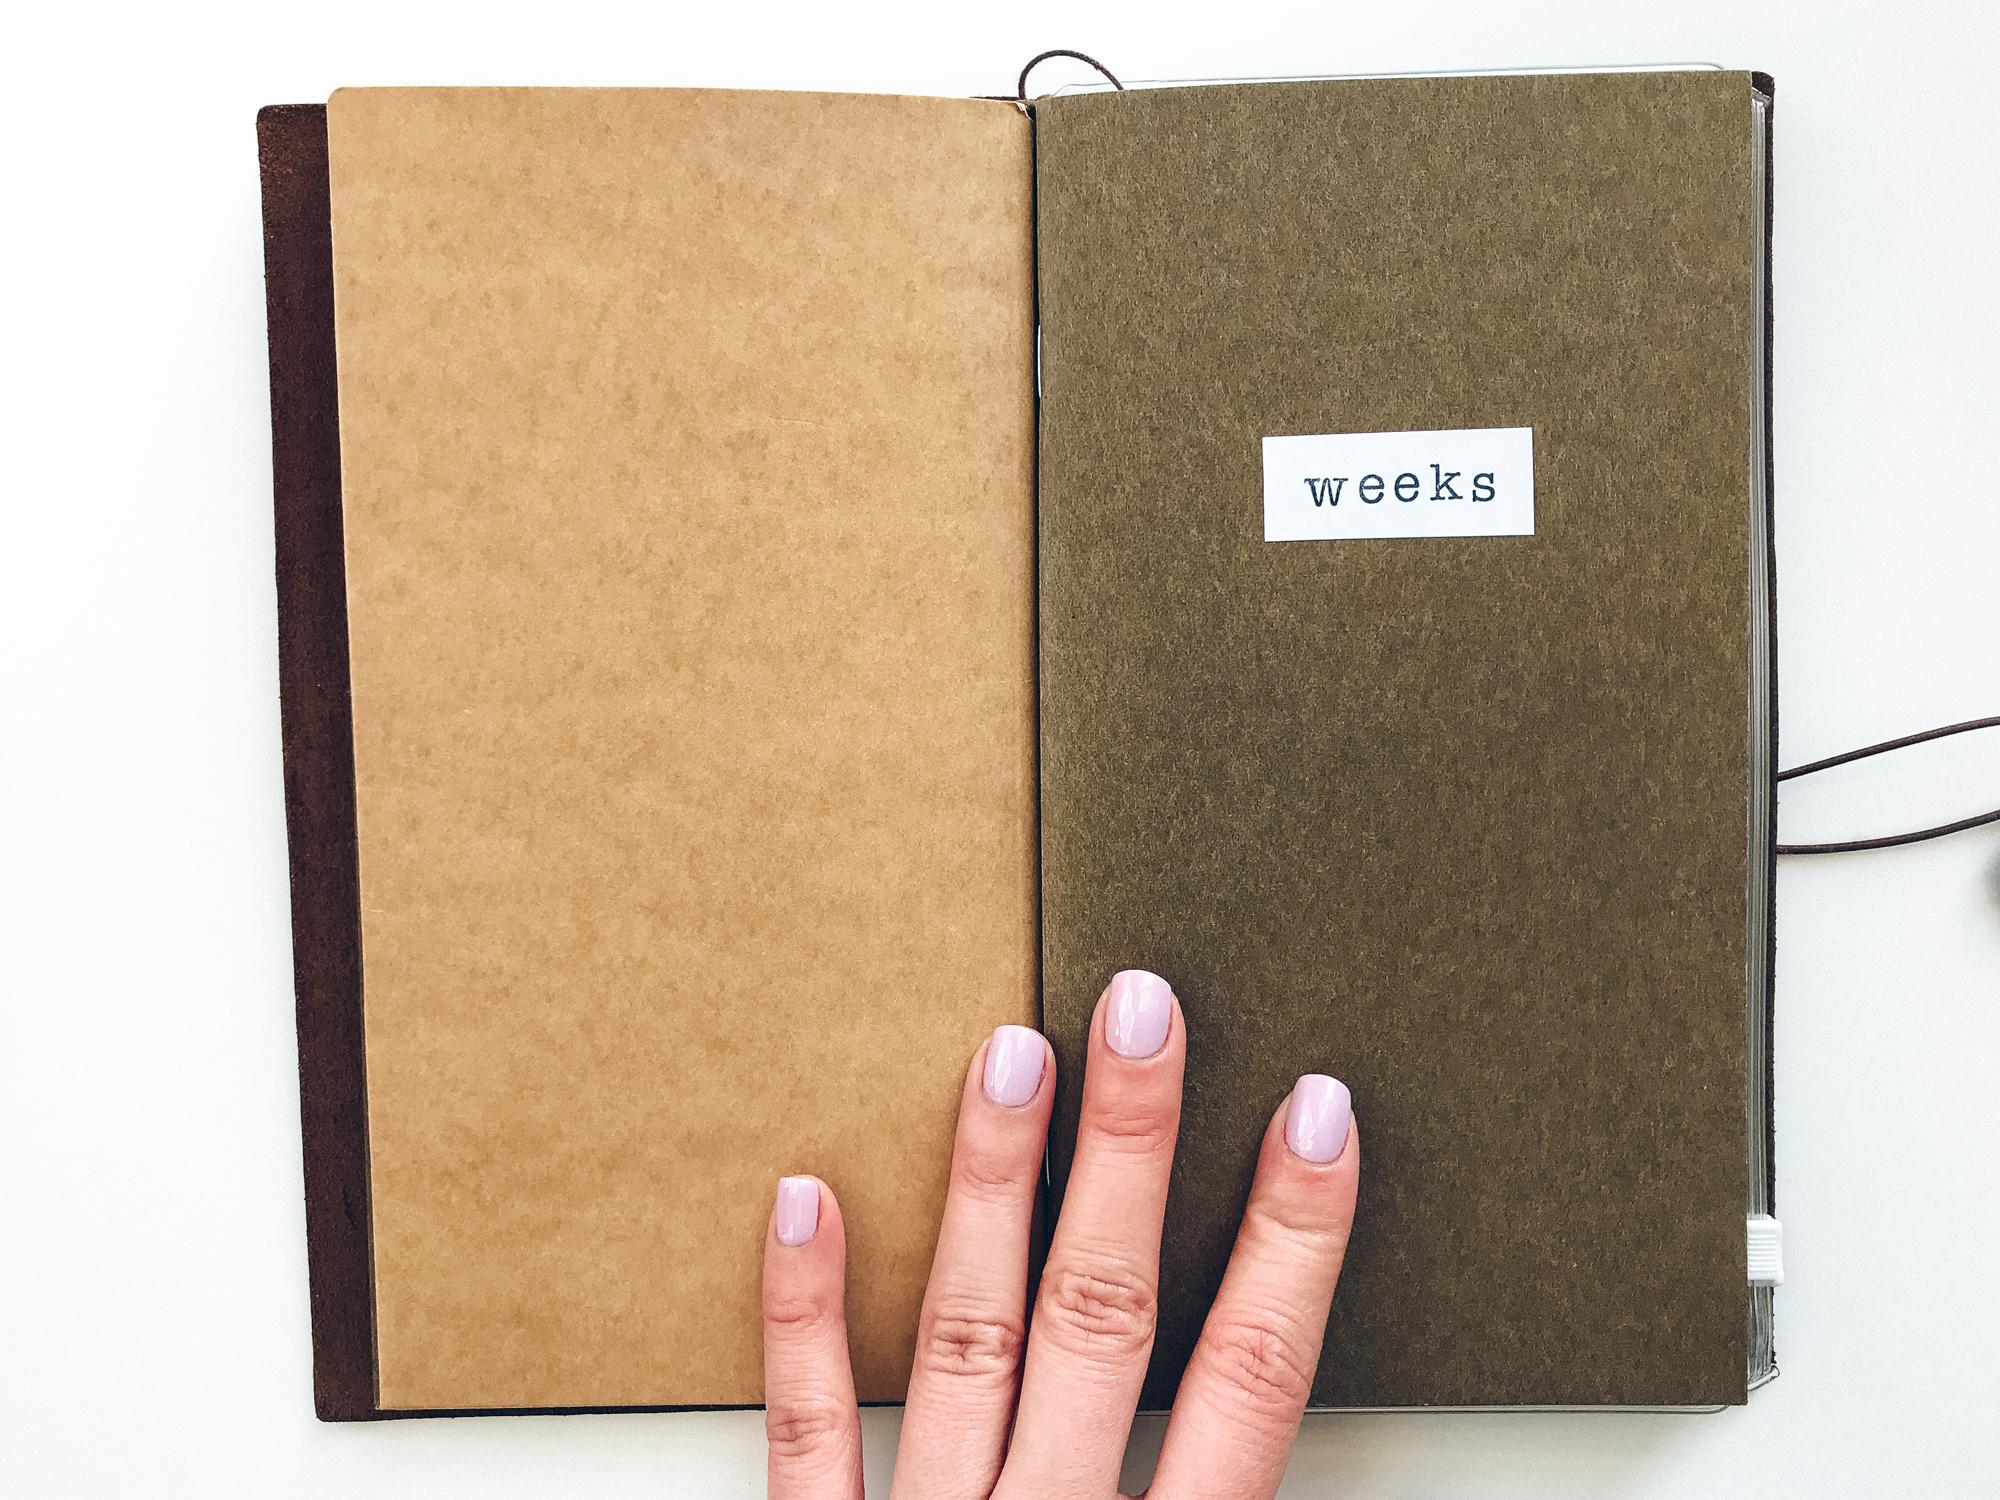 sarica_studio_weeks_bullet_journal